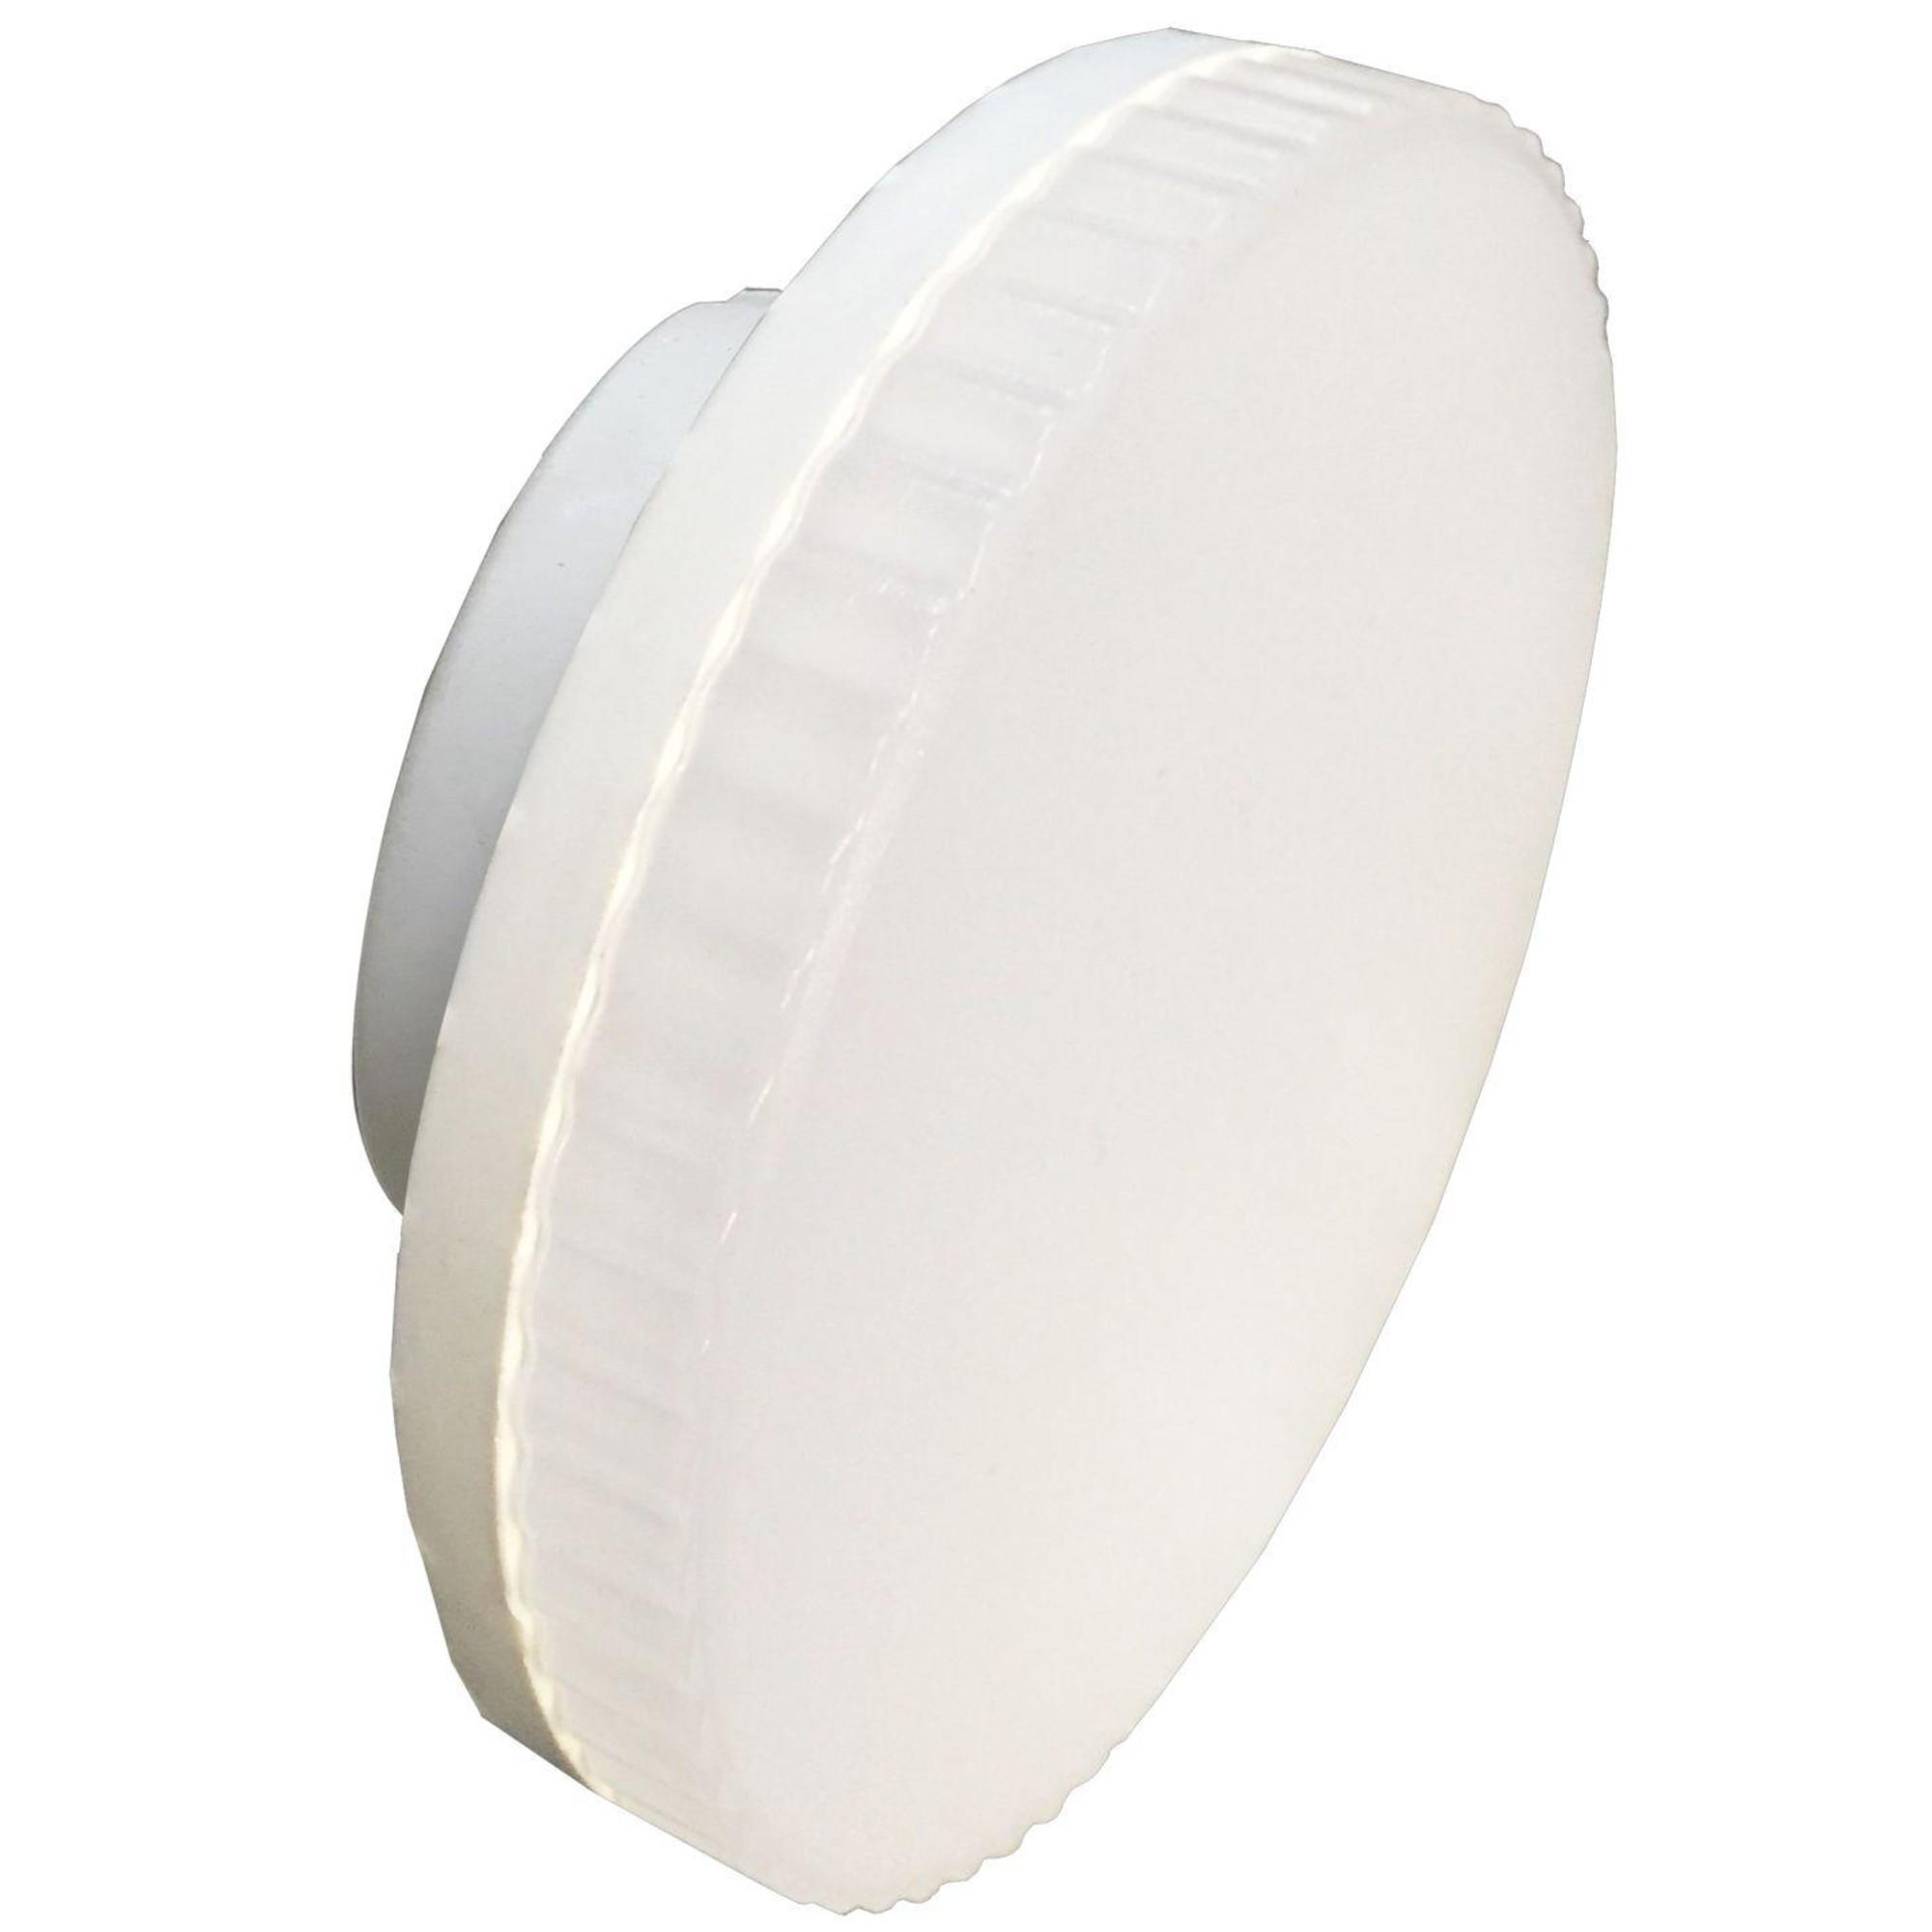 Лампа Ecola light светодионая GX53 6 Вт таблетка 420 Лм нейтральный свет